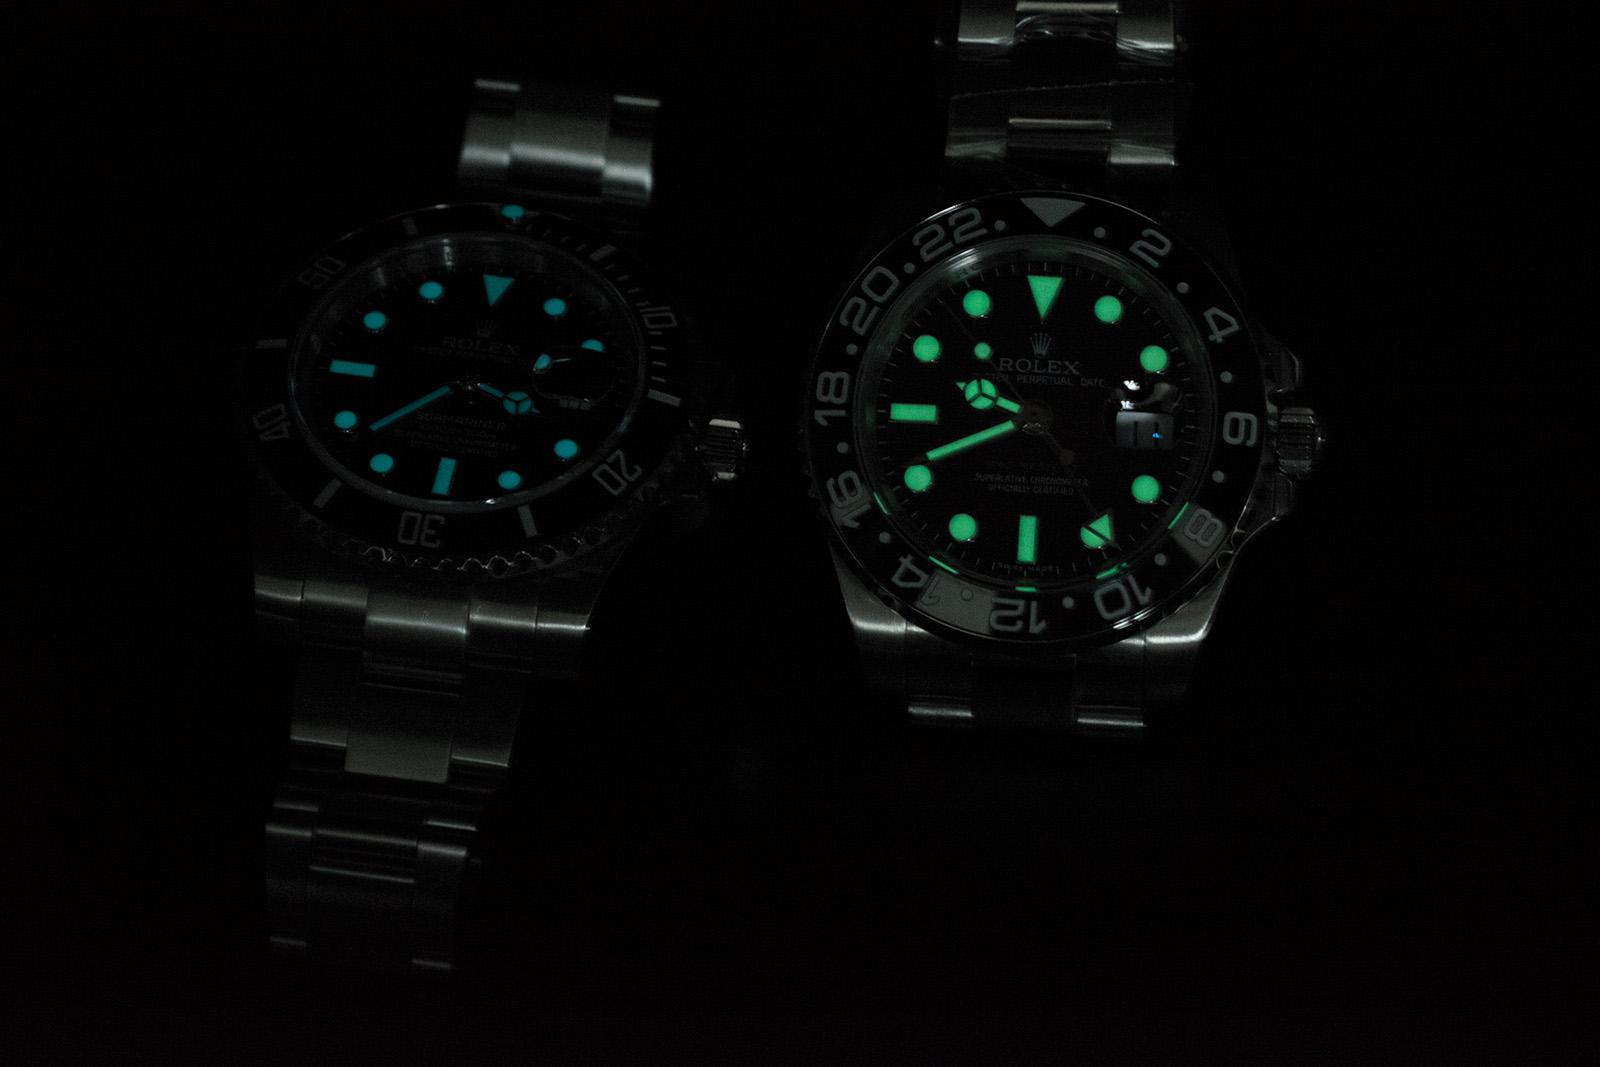 Lume Comparison GMT VS Sub